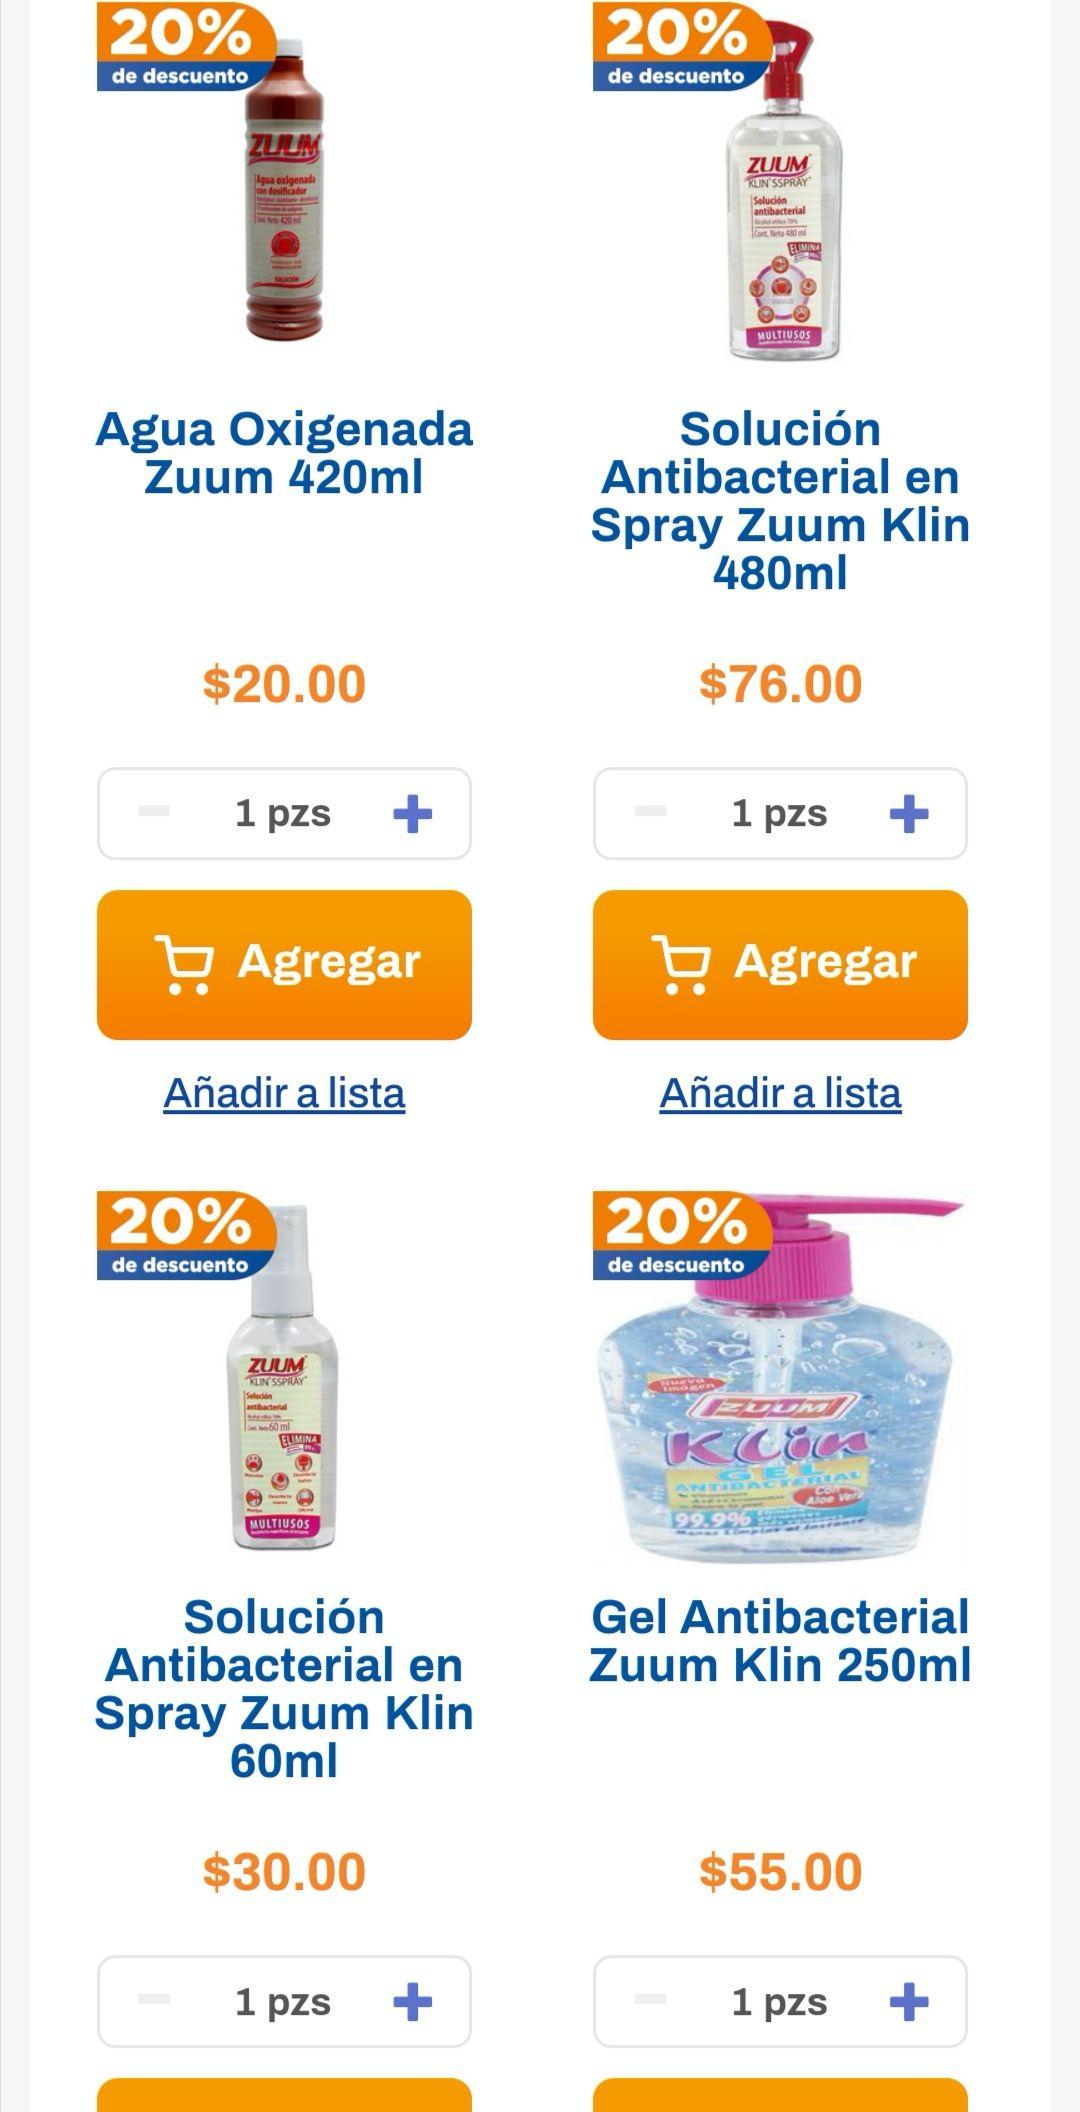 Chedraui: 20% de descuento en productos Zuum seleccionados